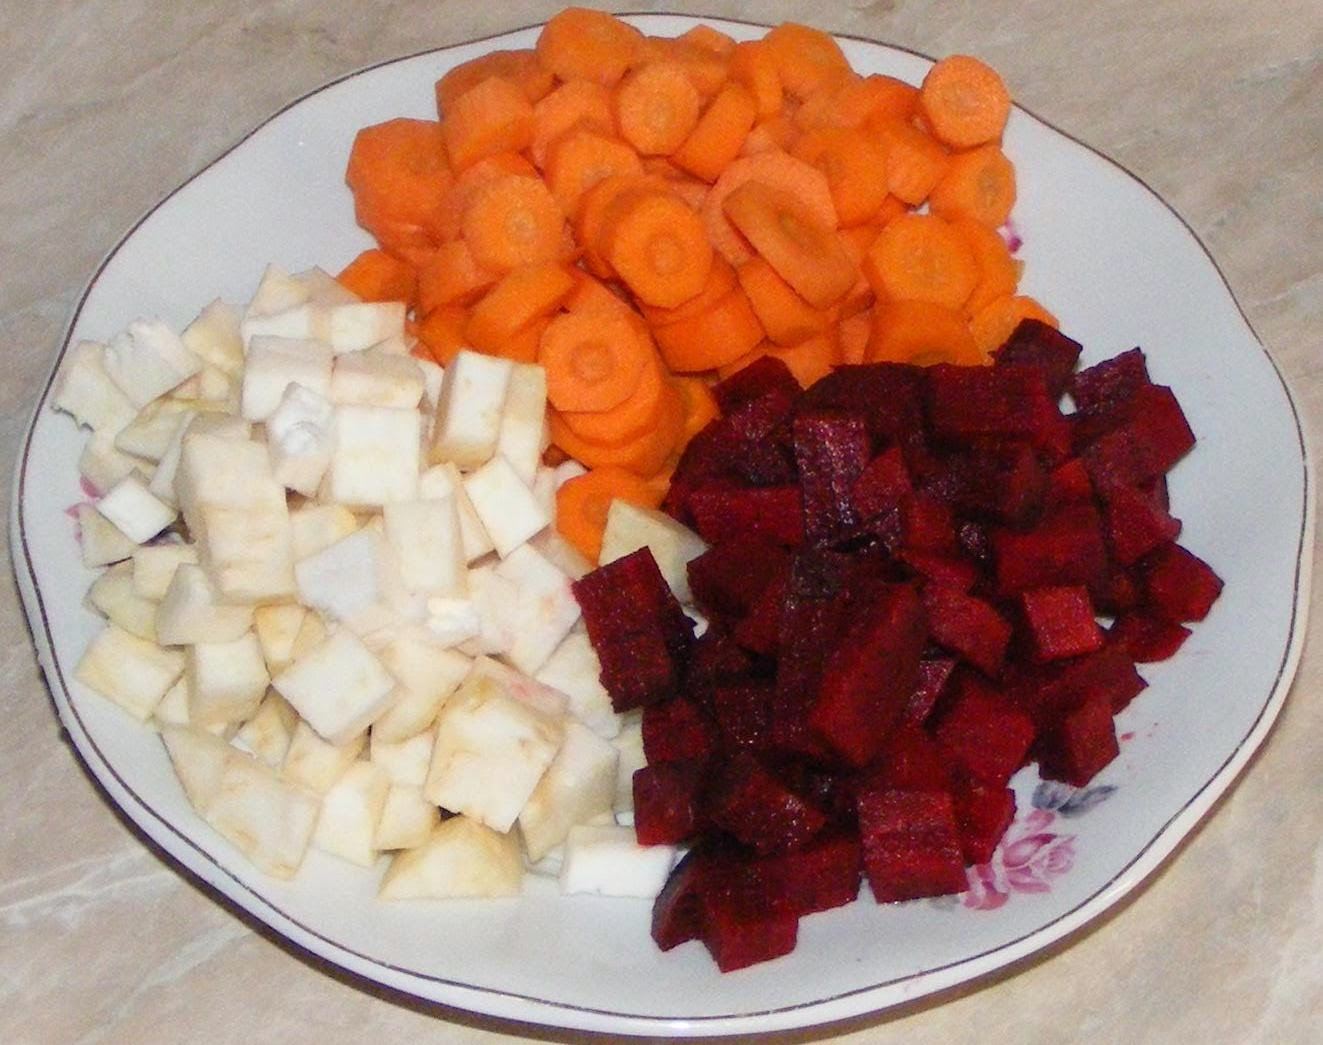 legume proaspete, legume pentru suc, legume pentru suc la blender, preparare suc de legume la blender, morcov pentru suc, telina pentru suc, sfecla rosie pentru suc, reteta suc la blender, reteta suc la blender,